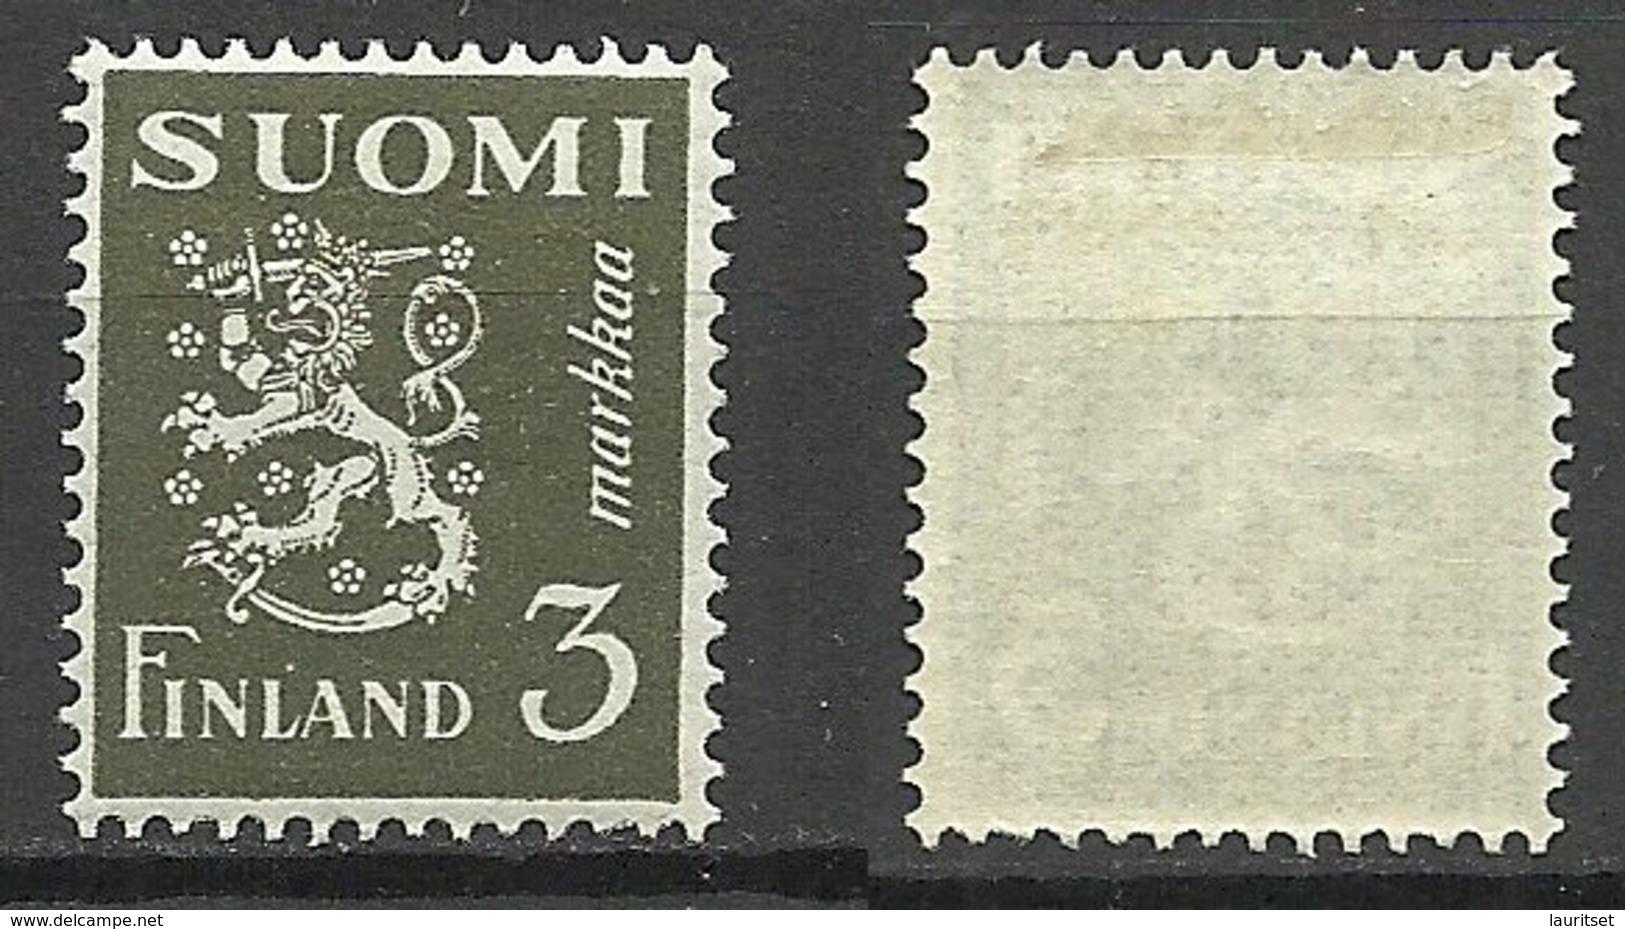 FINLAND Finnland SUOMI 1930 Michel 154 * - Nuovi